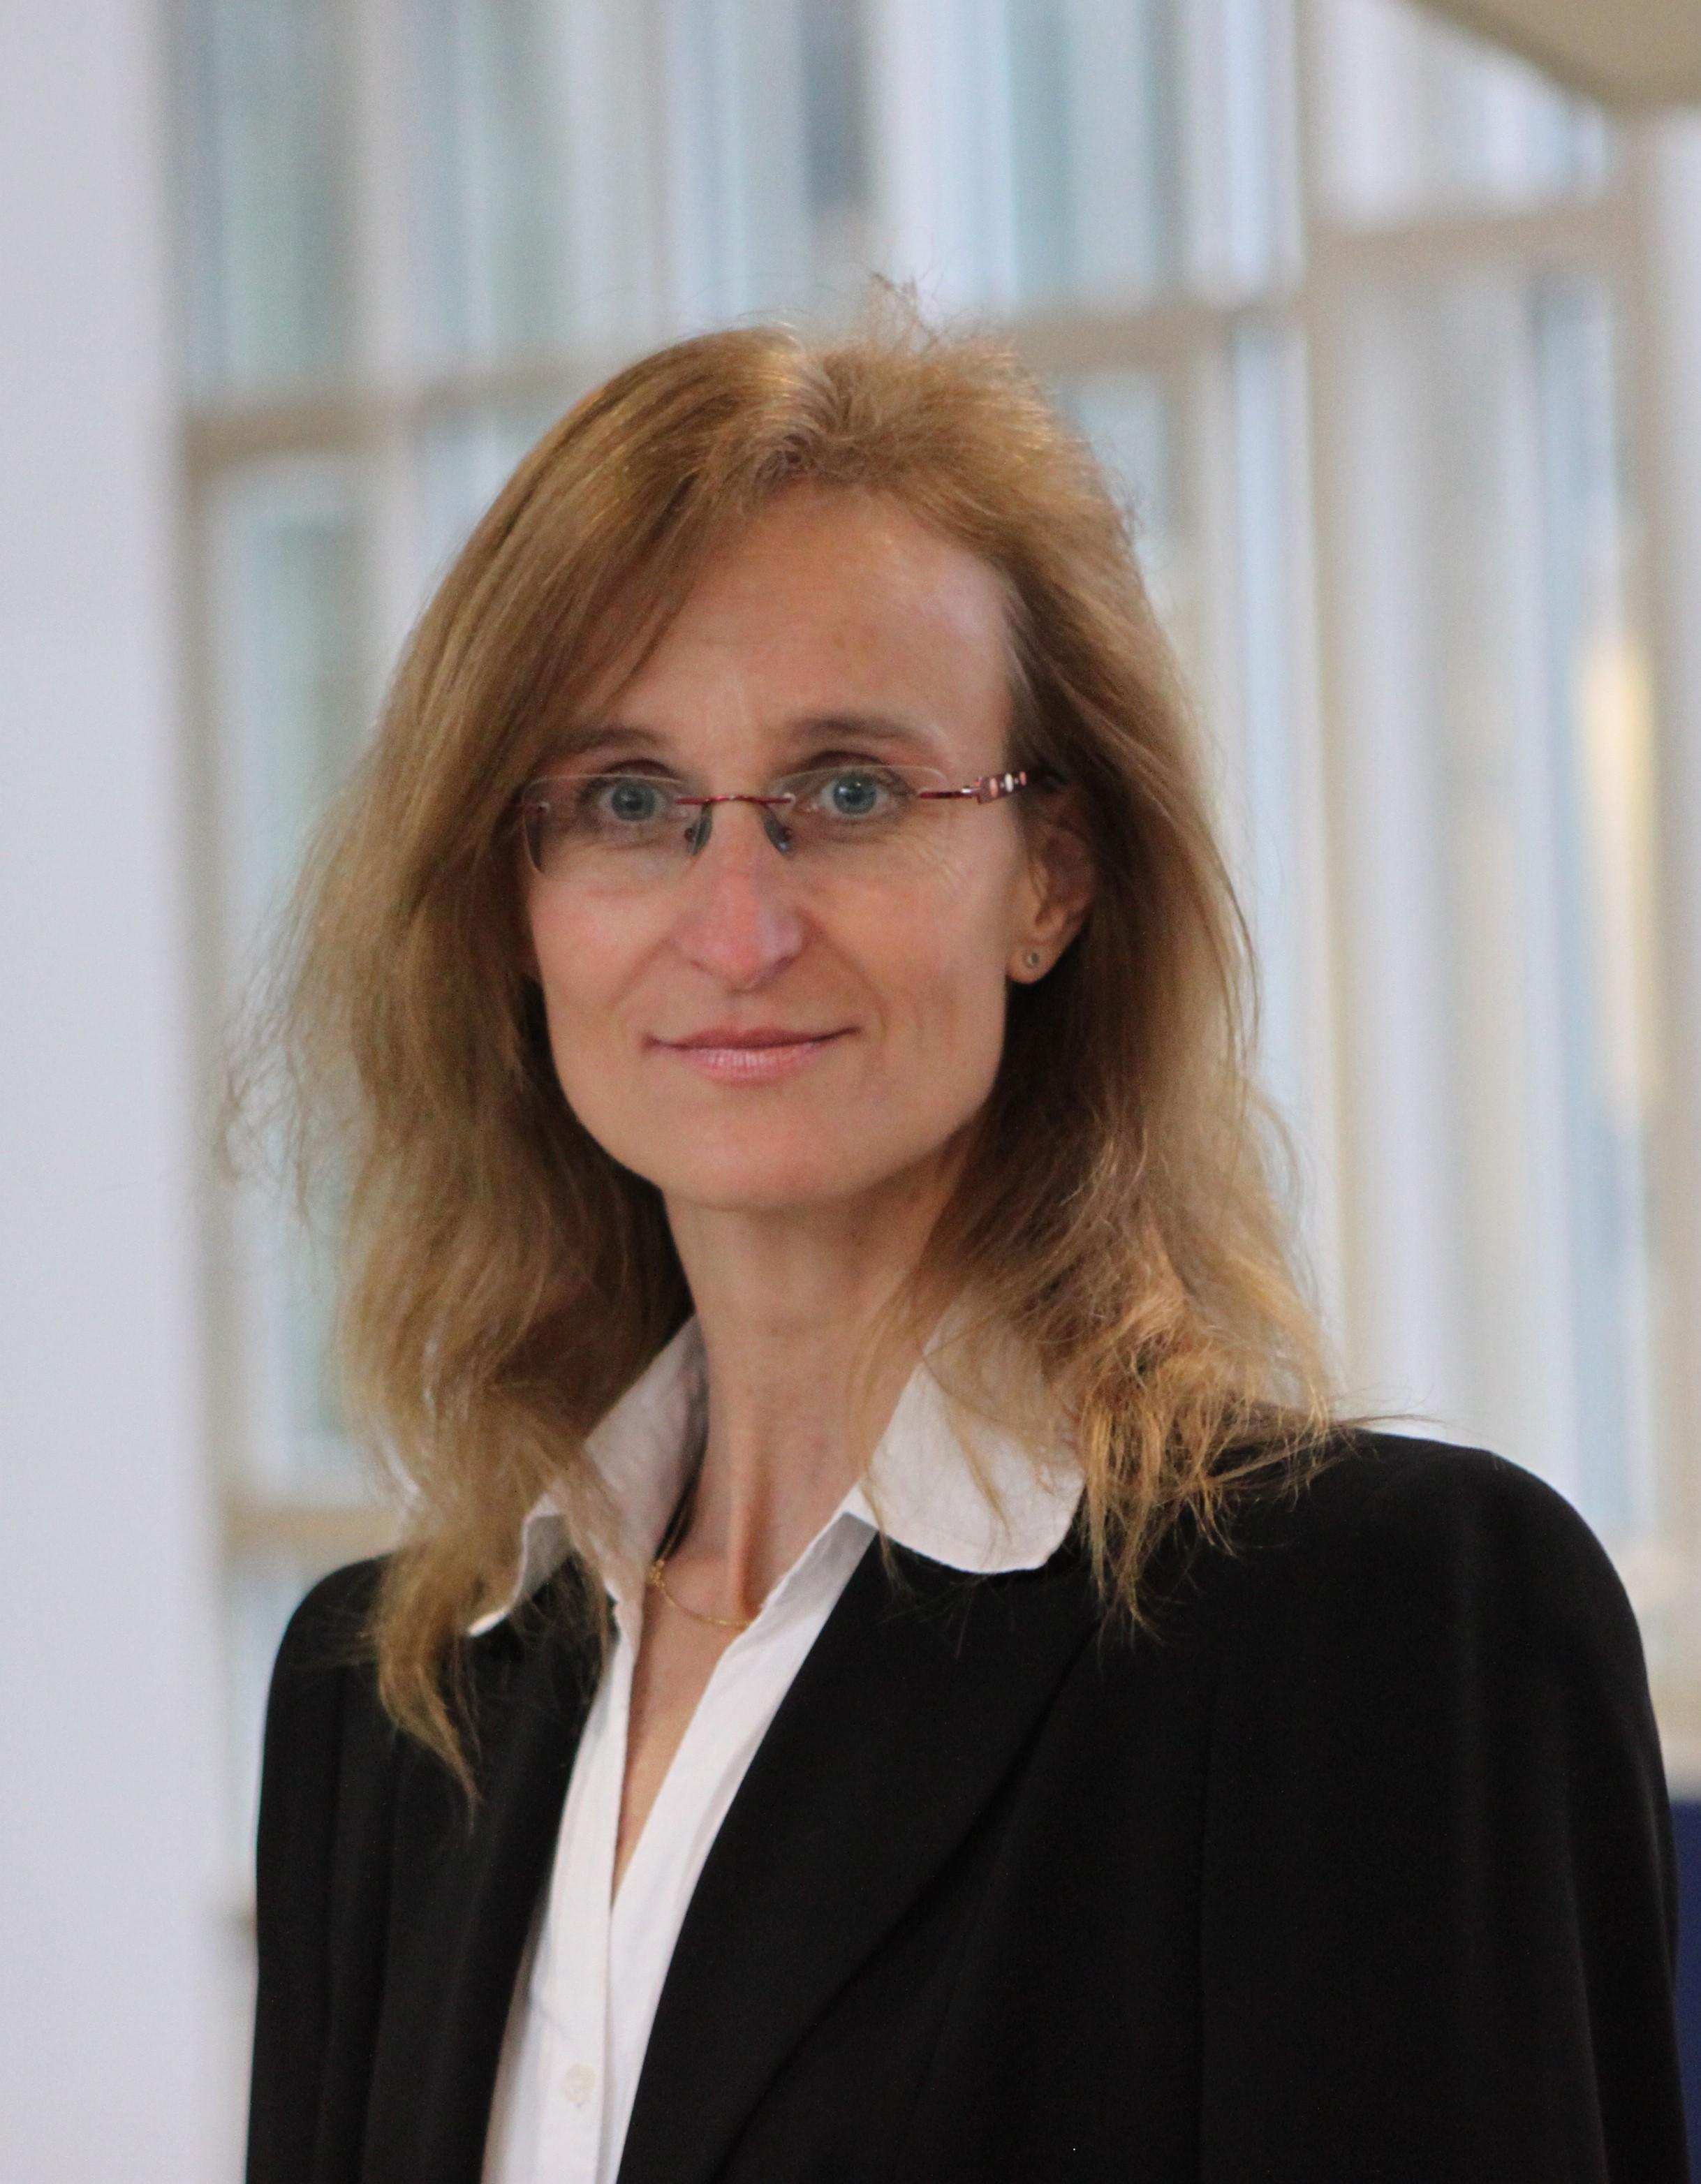 Frau Regina Nissen